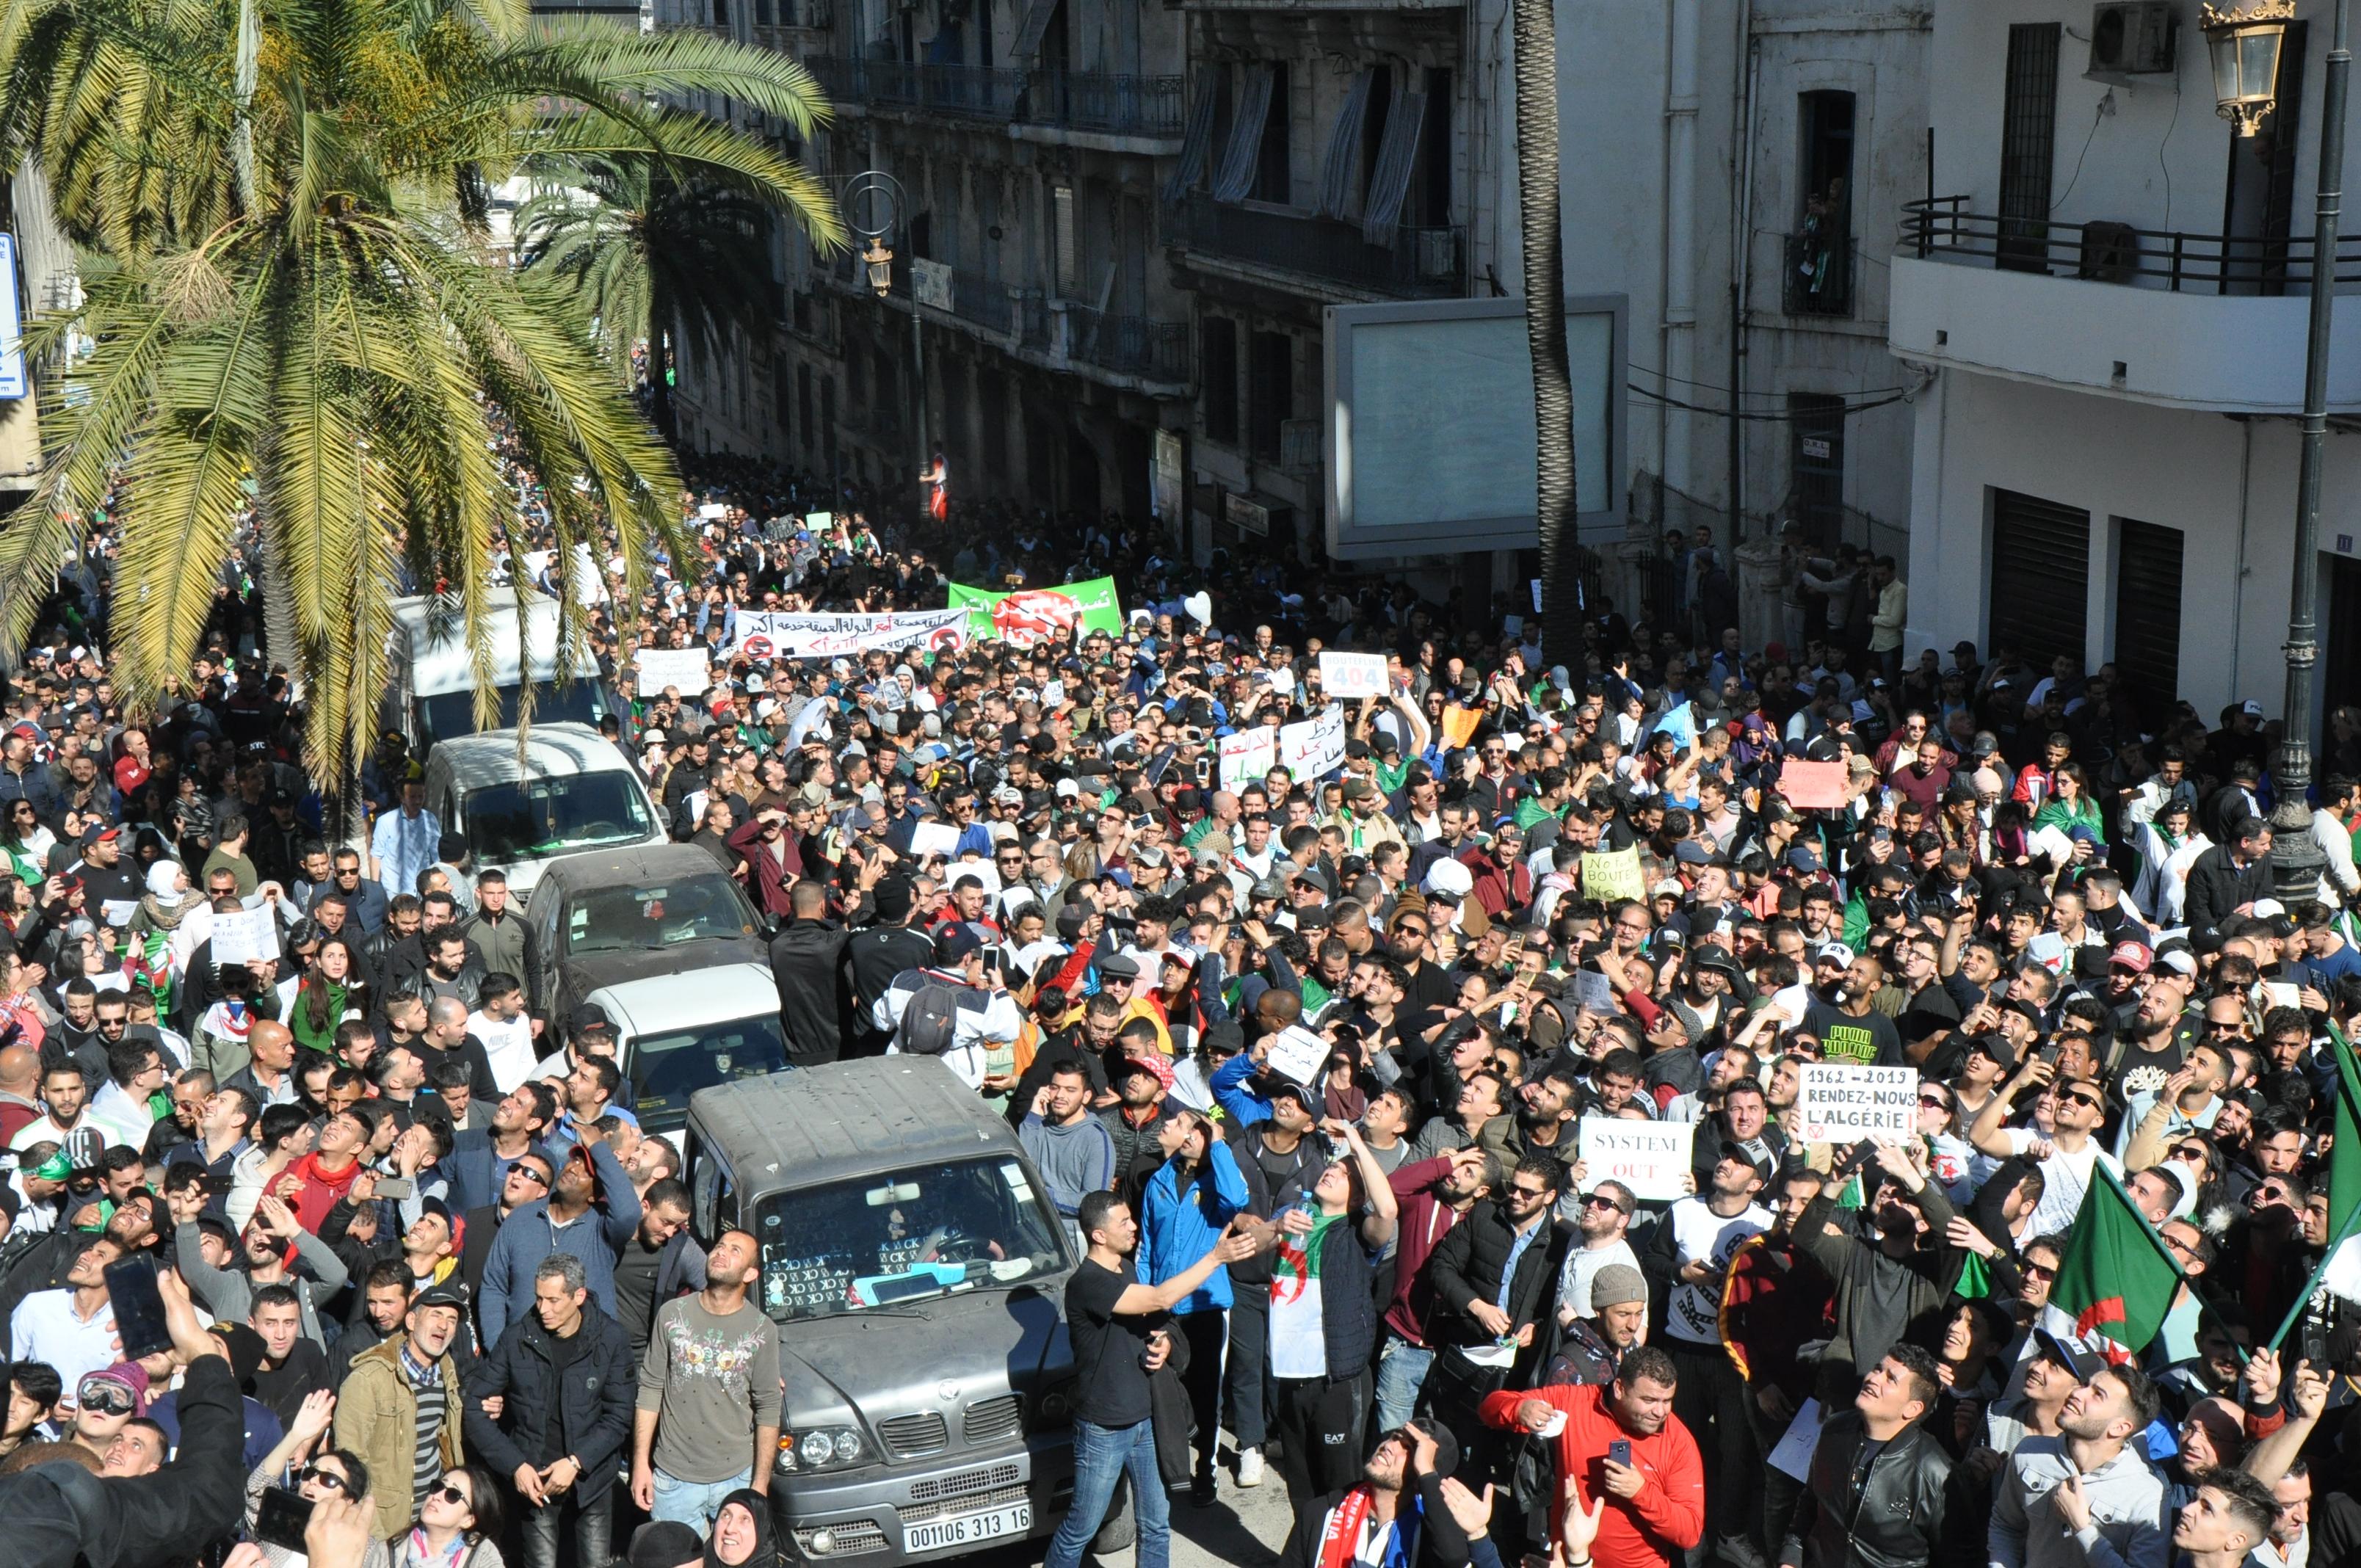 d79b182f8 الخبر- مسيرات تاريخية في شوارع الجزائر